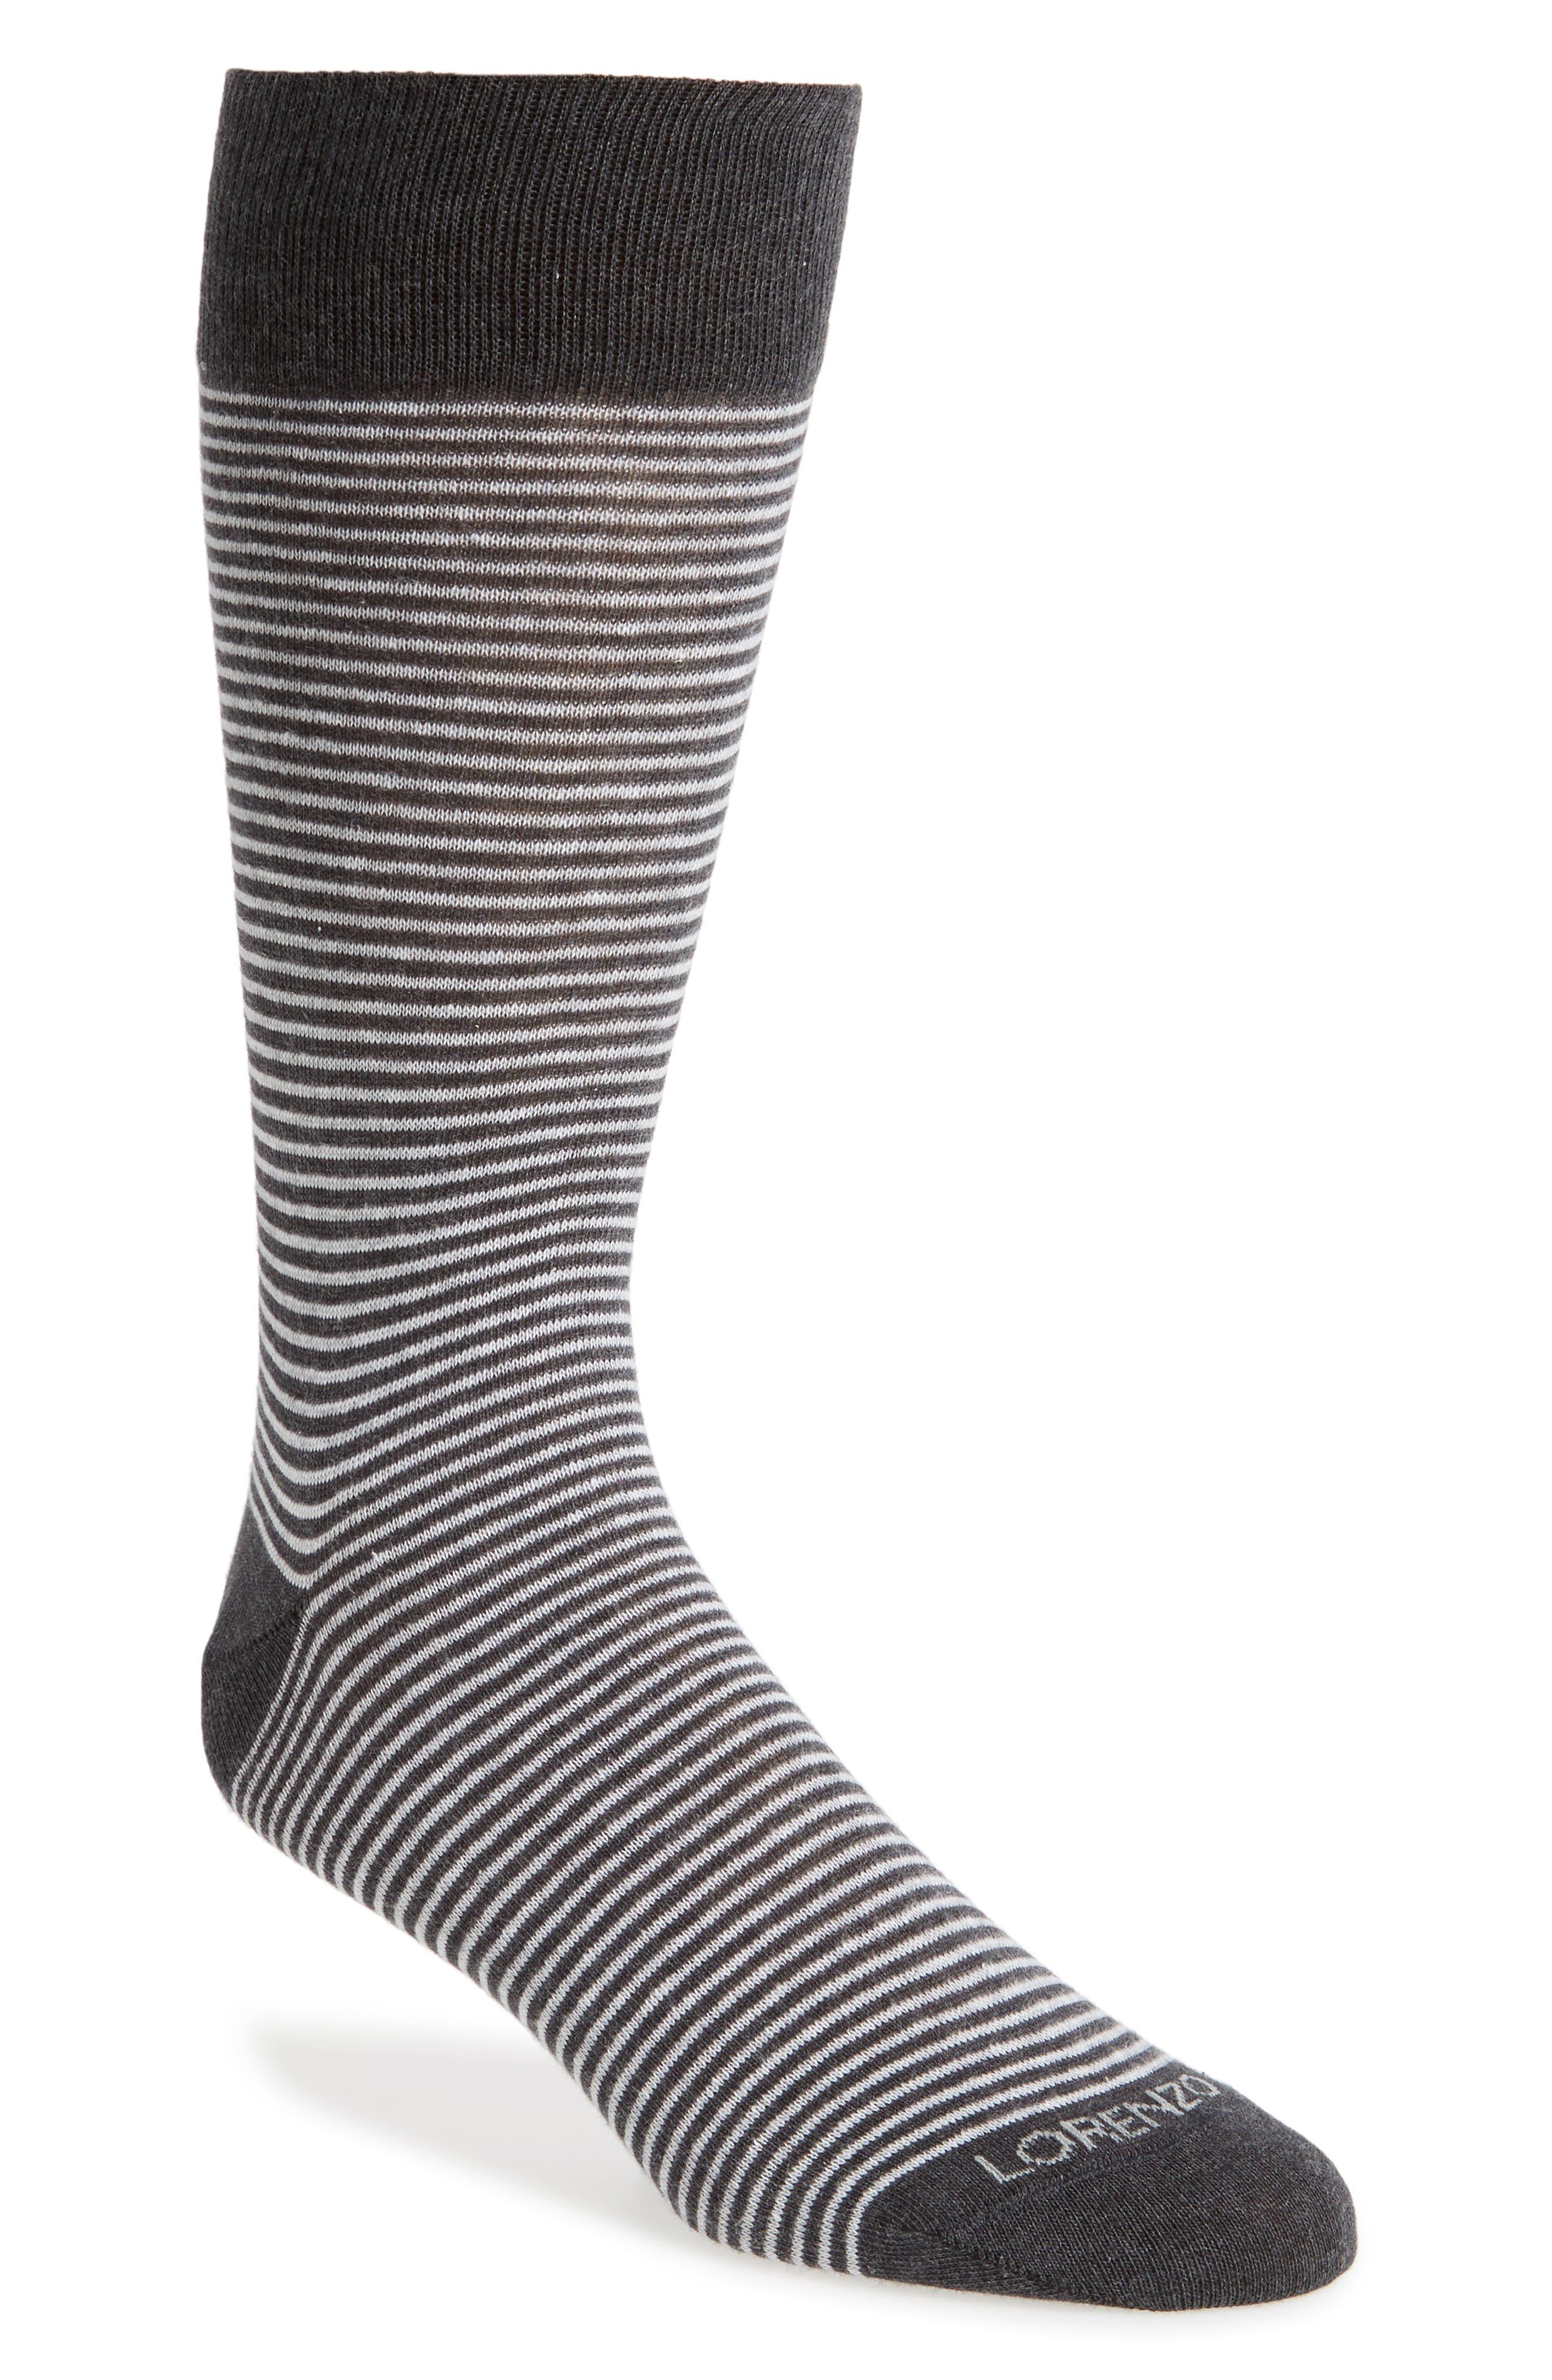 Lorenzo Uomo Mille Righe Stripe Socks